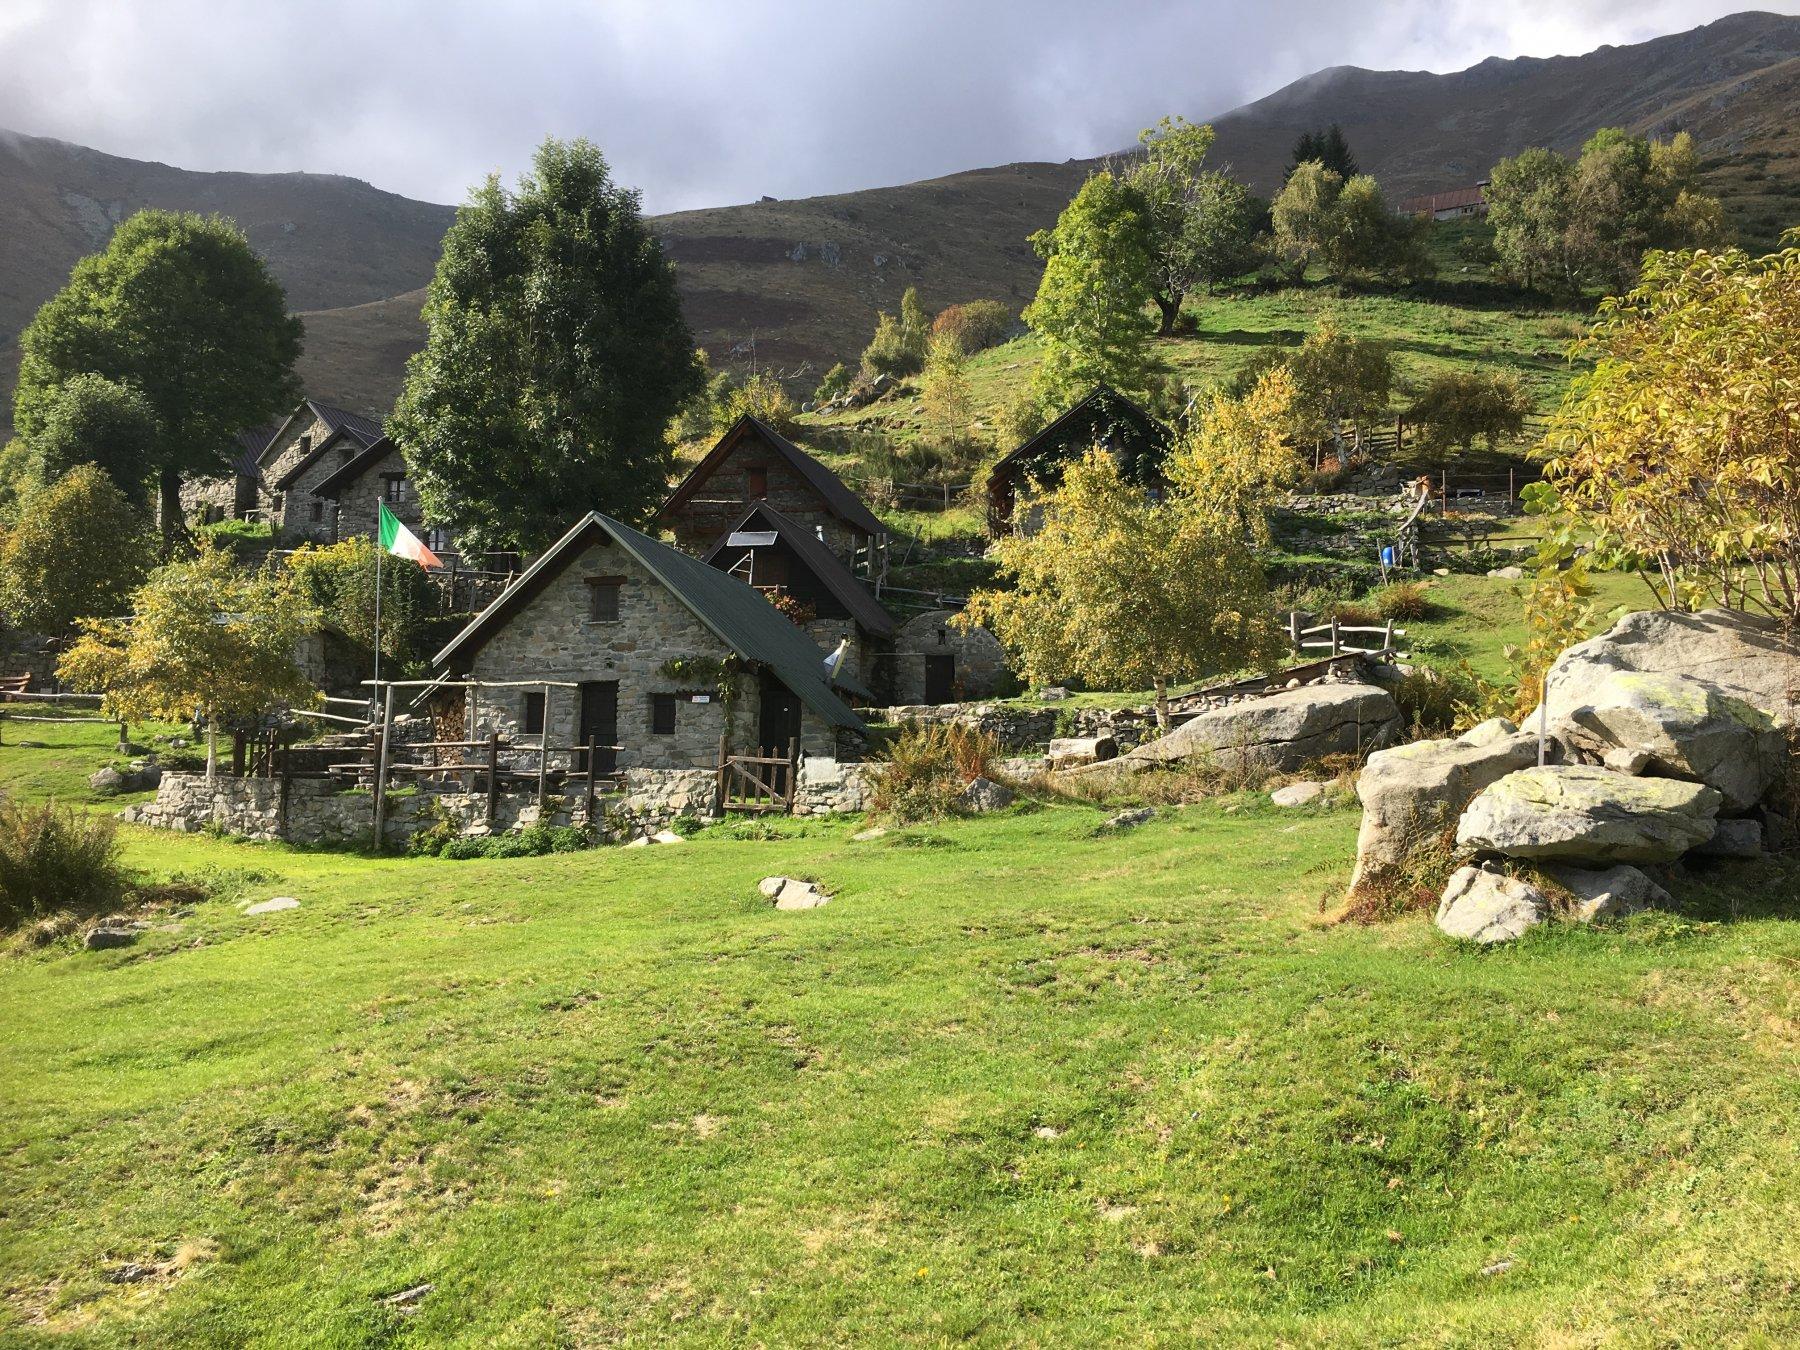 Il pittoresco borgo di Artignaga. tutte le foto inserite non sono state scattate in occasione della tredicesima edizione del Trail del Monte Casto.